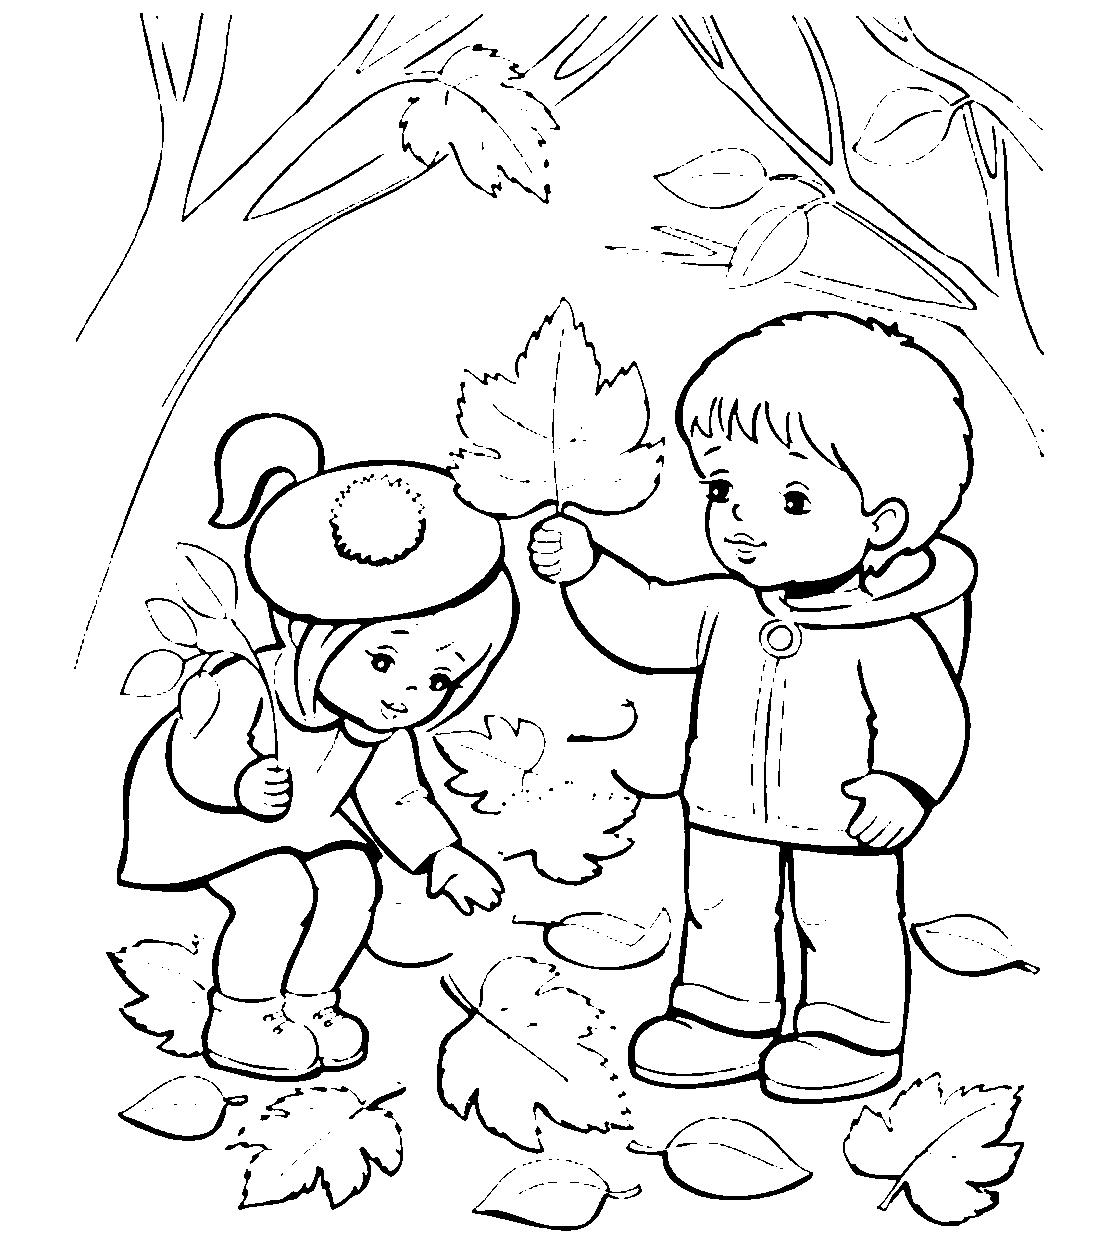 Рисунки детей детского сада картинки раскраски